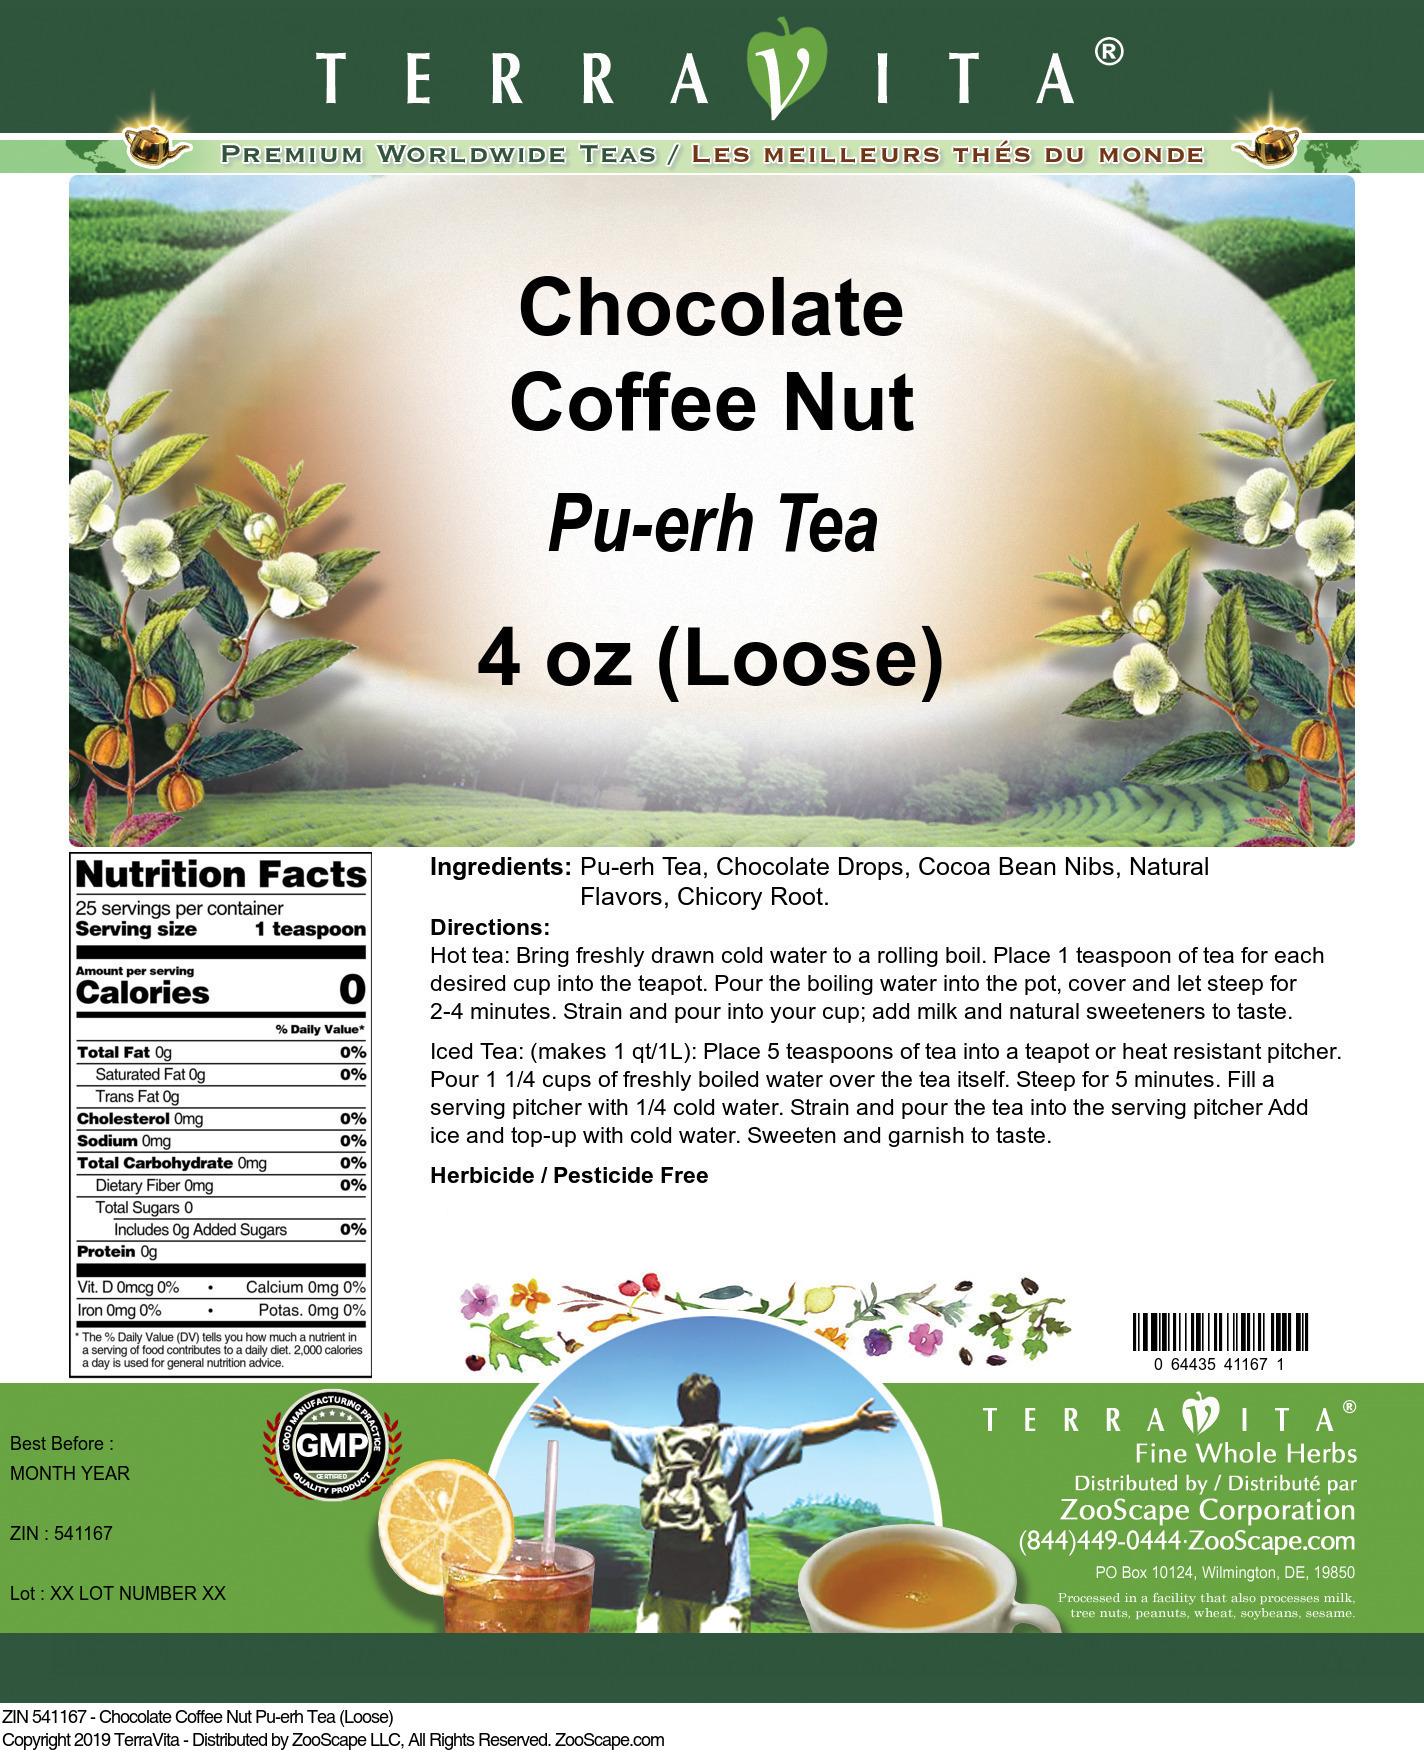 Chocolate Coffee Nut Pu-erh Tea (Loose)